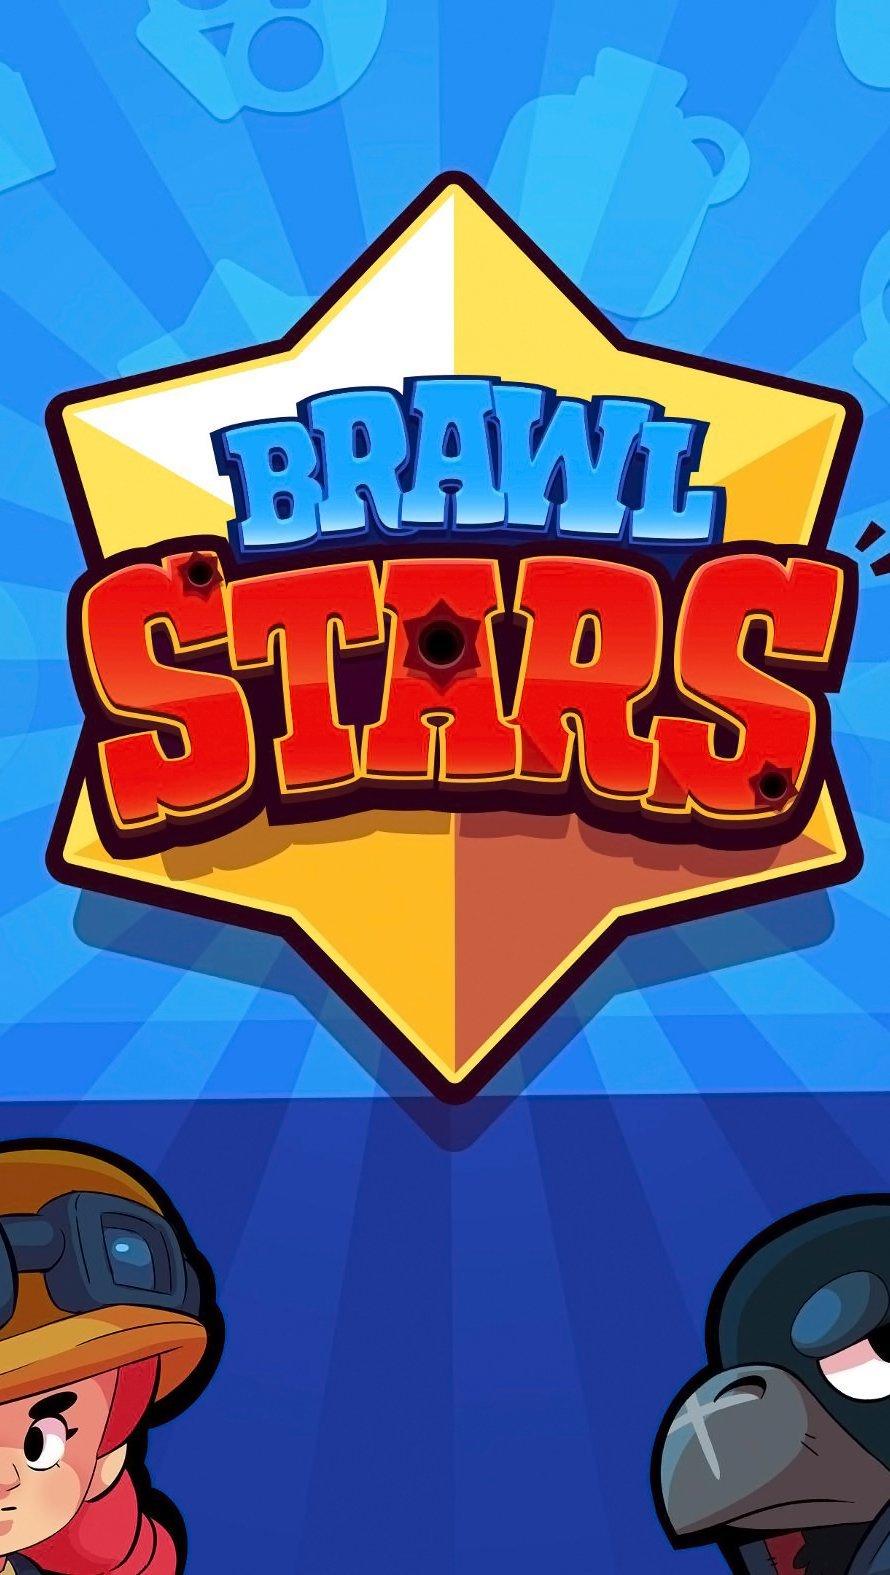 Fondos de pantalla Brawl Stars Logo y personajes Vertical